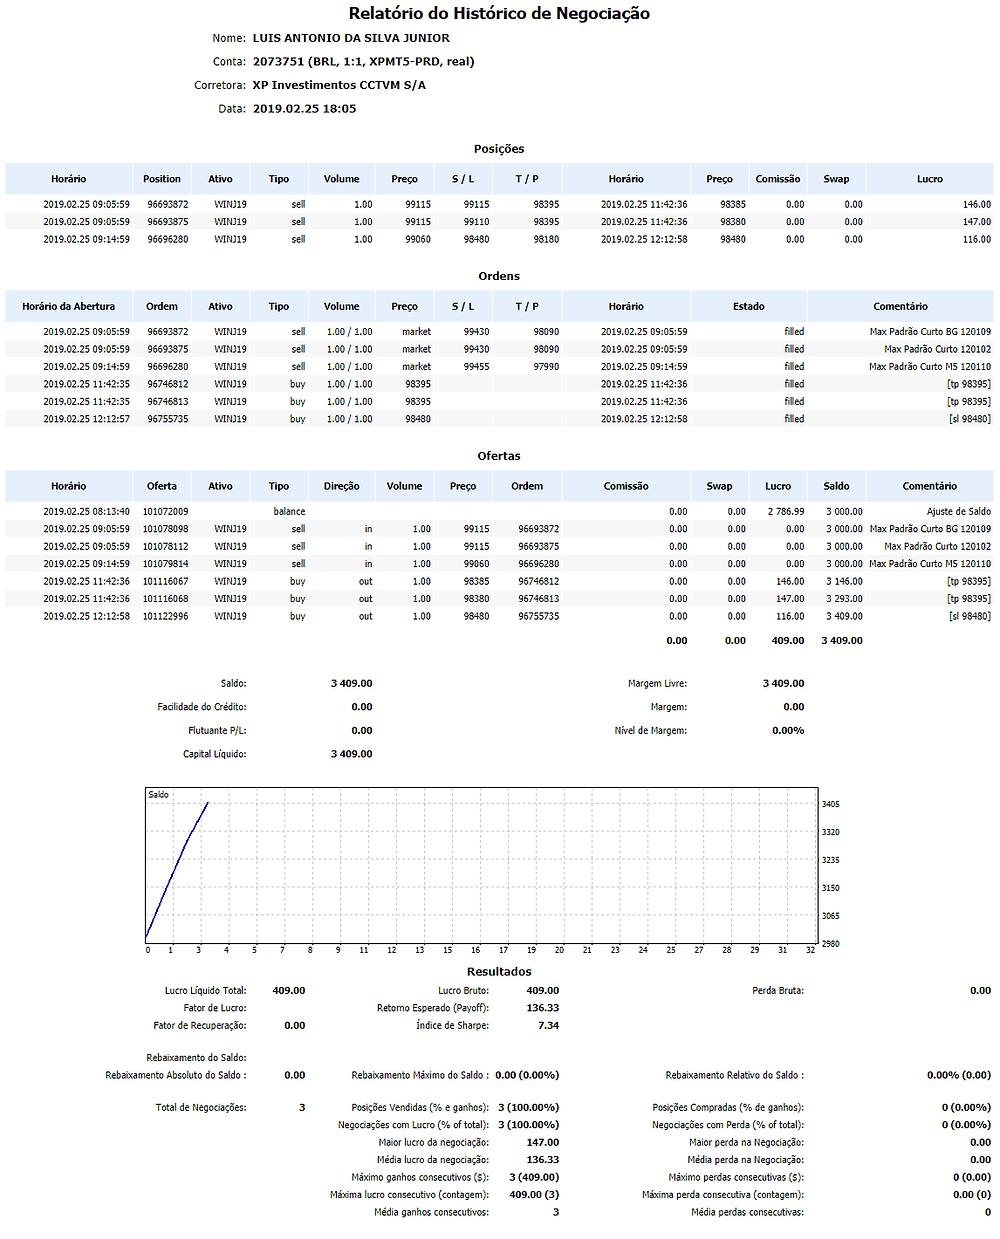 Relatório do Histórico de Negociação Nome:LUIS ANTONIO DA SILVA JUNIOR Conta:2073751 (BRL, 1:1, XPMT5-PRD, real) Corretora:XP Investimentos CCTVM S/A Data:2019.02.25 18:05 Posições HorárioPositionAtivoTipoVolumePreçoS / LT / PHorárioPreçoComissãoSwapLucro 2019.02.25 09:05:5996693872WINJ19sell1.009911599115983952019.02.25 11:42:36983850.000.00146.00 2019.02.25 09:05:5996693875WINJ19sell1.009911599110983952019.02.25 11:42:36983800.000.00147.00 2019.02.25 09:14:5996696280WINJ19sell1.009906098480981802019.02.25 12:12:58984800.000.00116.00 Ordens Horário da AberturaOrdemAtivoTipoVolumePreçoS / LT / PHorárioEstadoComentário 2019.02.25 09:05:5996693872WINJ19sell1.00 / 1.00market99430980902019.02.25 09:05:59filledMax Padrão Curto BG 120109 2019.02.25 09:05:5996693875WINJ19sell1.00 / 1.00market99430980902019.02.25 09:05:59filledMax Padrão Curto 120102 2019.02.25 09:14:5996696280WINJ19sell1.00 / 1.00market99455979902019.02.25 09:14:59filledMax Padrão Curto M5 120110 2019.02.25 11:42:3596746812WINJ19buy1.00 / 1.00983952019.02.25 11:42:36filled[tp 98395] 2019.02.25 11:42:3596746813WINJ19buy1.00 / 1.00983952019.02.25 11:42:36filled[tp 98395] 2019.02.25 12:12:5796755735WINJ19buy1.00 / 1.00984802019.02.25 12:12:58filled[sl 98480] Ofertas HorárioOfertaAtivoTipoDireçãoVolumePreçoOrdemComissãoSwapLucroSaldoComentário 2019.02.25 08:13:40101072009balance0.000.002 786.993 000.00Ajuste de Saldo 2019.02.25 09:05:59101078098WINJ19sellin1.0099115966938720.000.000.003 000.00Max Padrão Curto BG 120109 2019.02.25 09:05:59101078112WINJ19sellin1.0099115966938750.000.000.003 000.00Max Padrão Curto 120102 2019.02.25 09:14:59101079814WINJ19sellin1.0099060966962800.000.000.003 000.00Max Padrão Curto M5 120110 2019.02.25 11:42:36101116067WINJ19buyout1.0098385967468120.000.00146.003 146.00[tp 98395] 2019.02.25 11:42:36101116068WINJ19buyout1.0098380967468130.000.00147.003 293.00[tp 98395] 2019.02.25 12:12:58101122996WINJ19buyout1.0098480967557350.000.00116.003 409.00[sl 98480] 0.000.00409.003 409.00 Sa